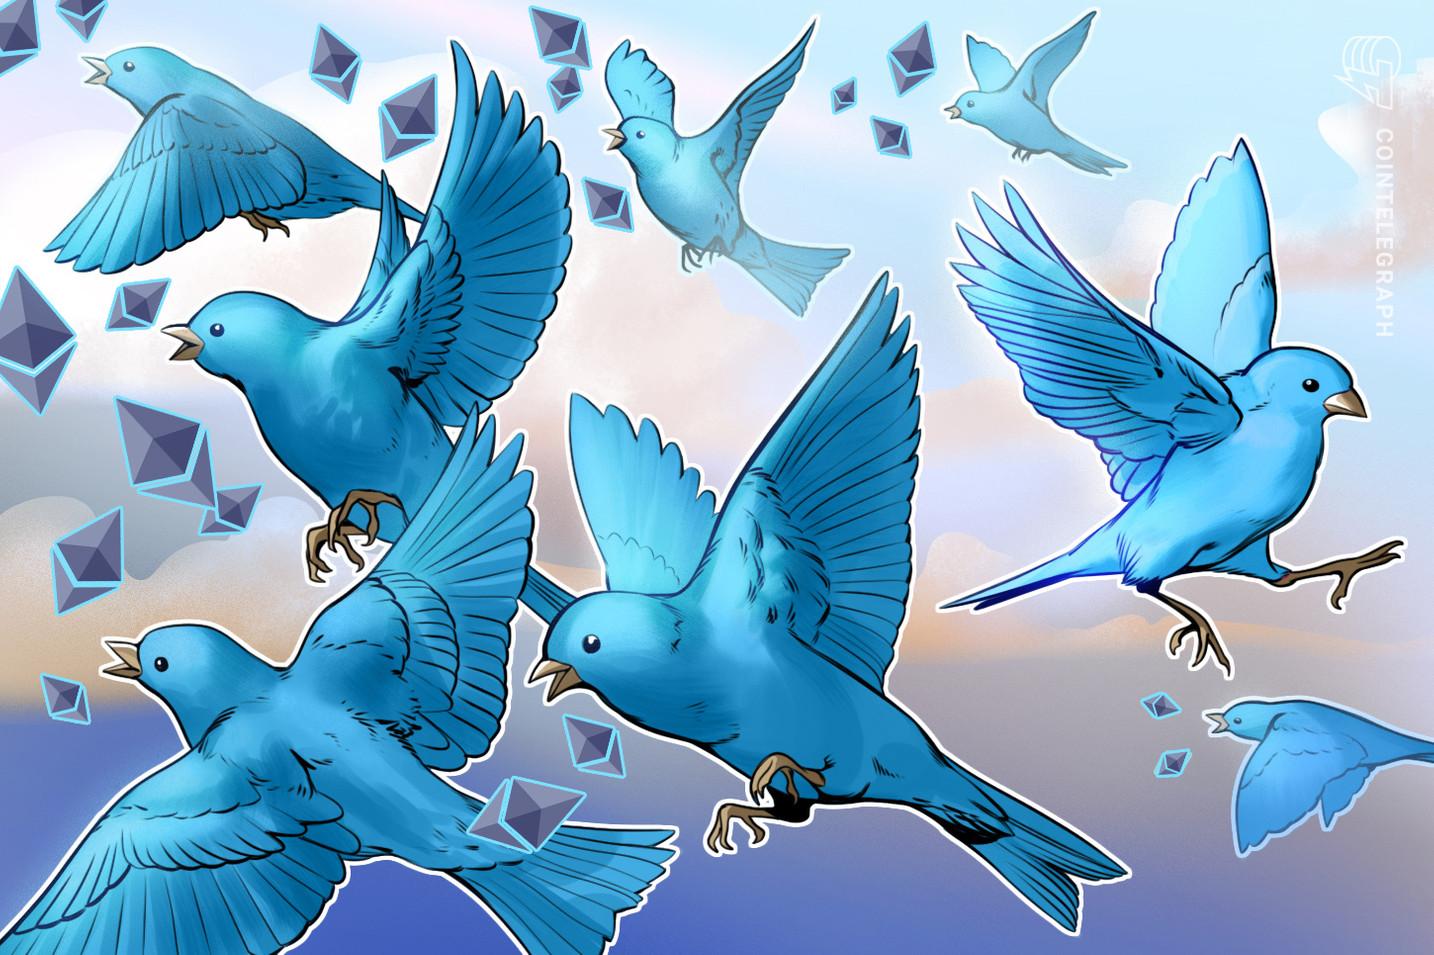 ស្ថាបនិក Aave ណែនាំអំពីការអភិវឌ្ឍ 'Twitter នៅលើ Ethereum'